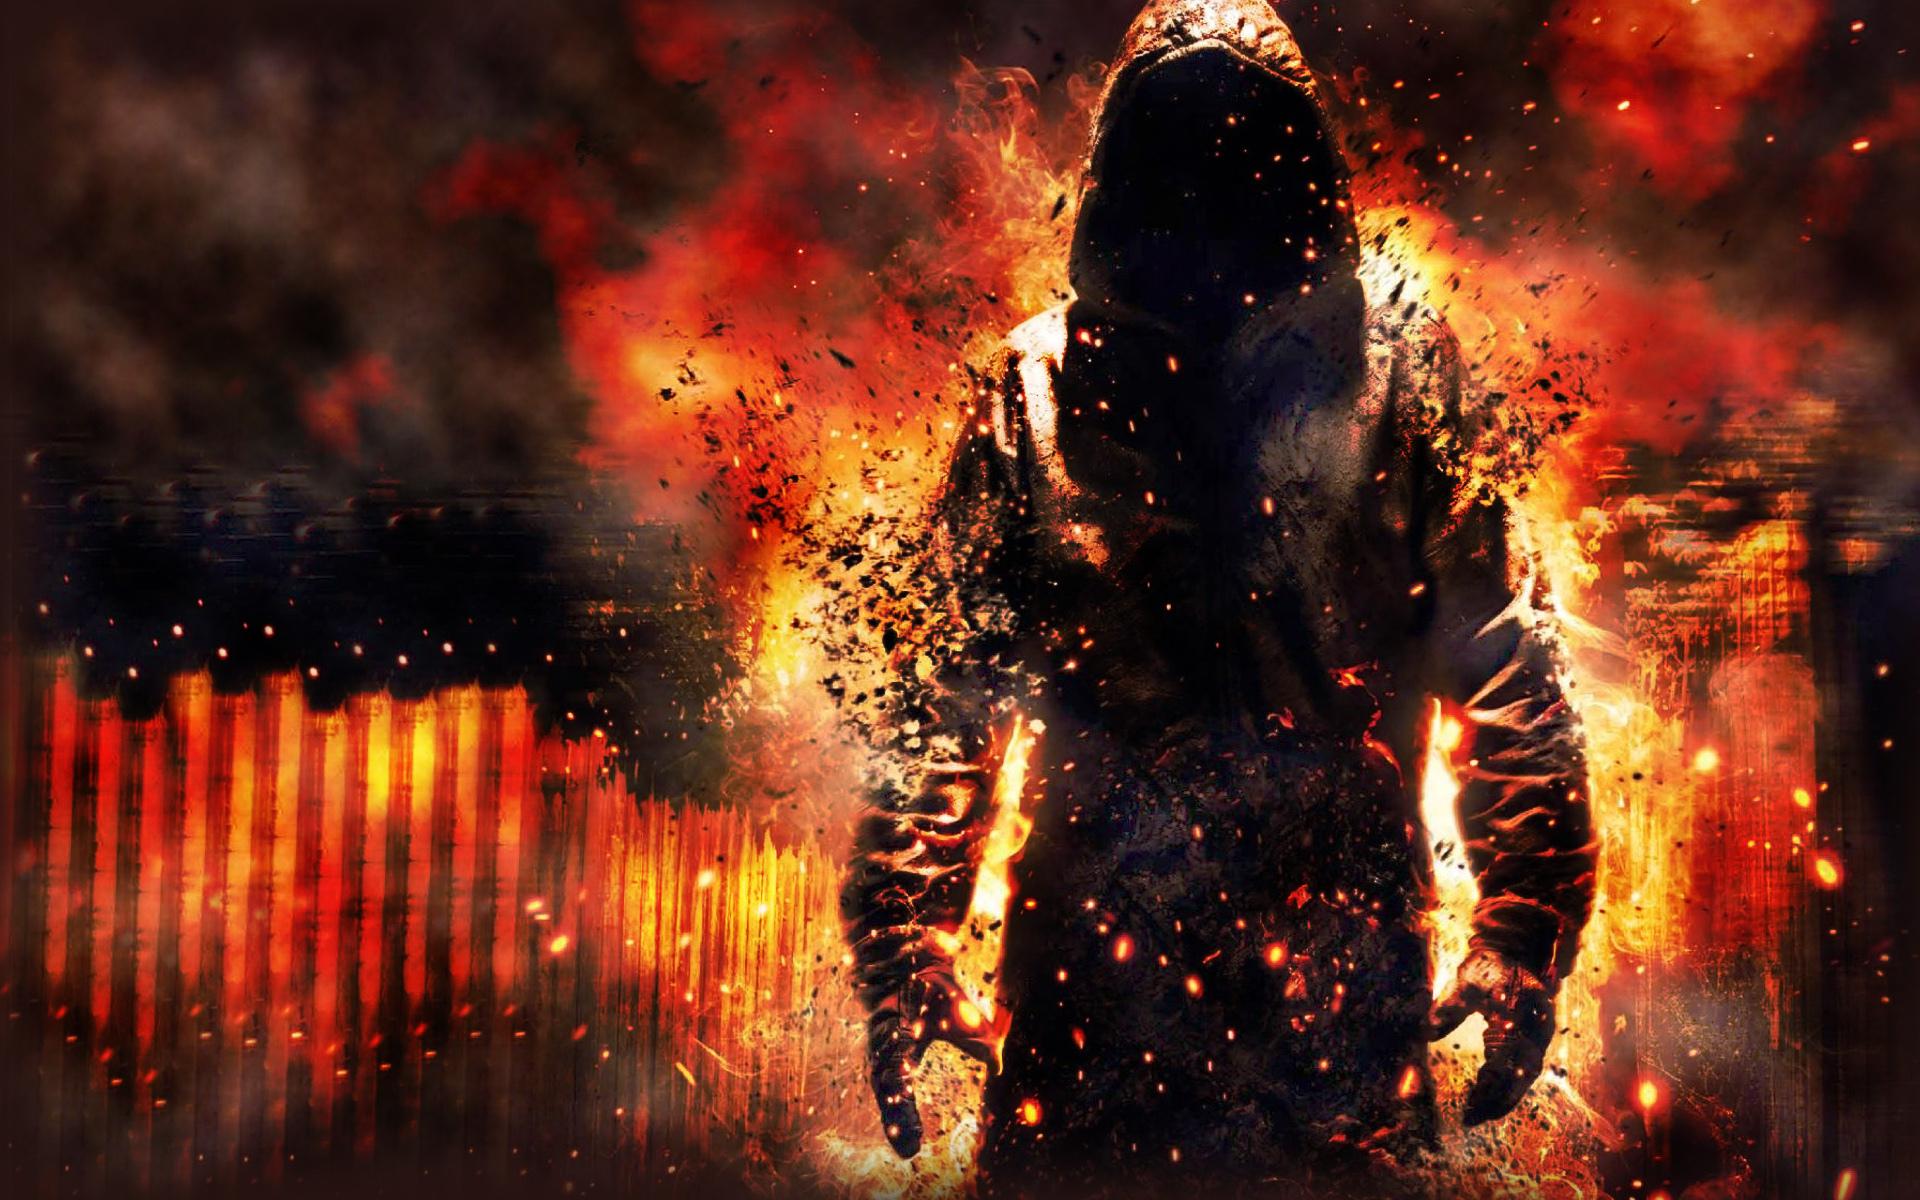 Мжчина с окровавленным мечем в огне  № 1840829 без смс